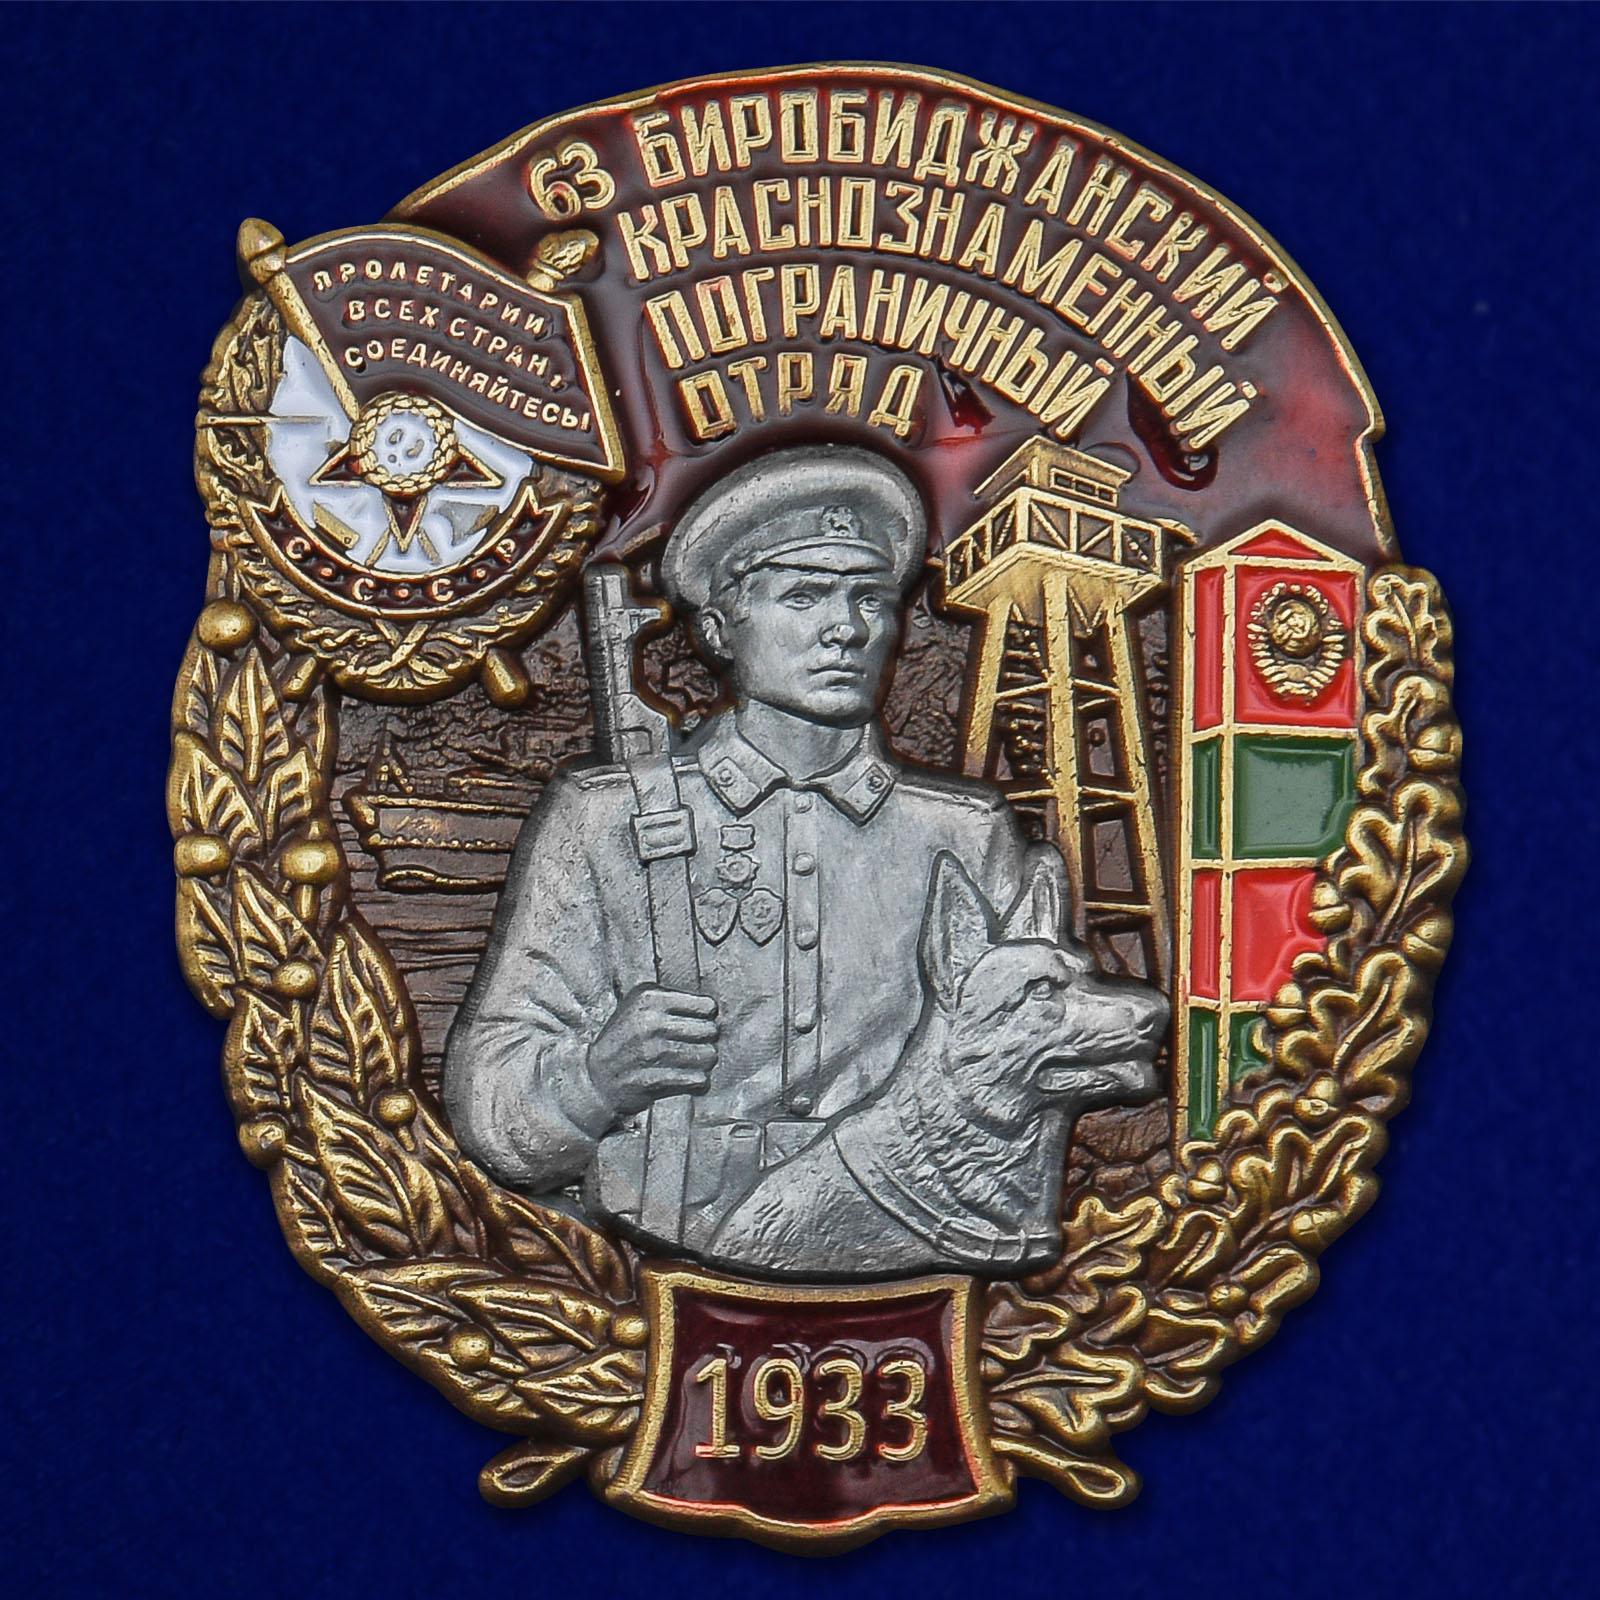 Знак 63 Биробиджанский Краснознамённый Пограничный отряд